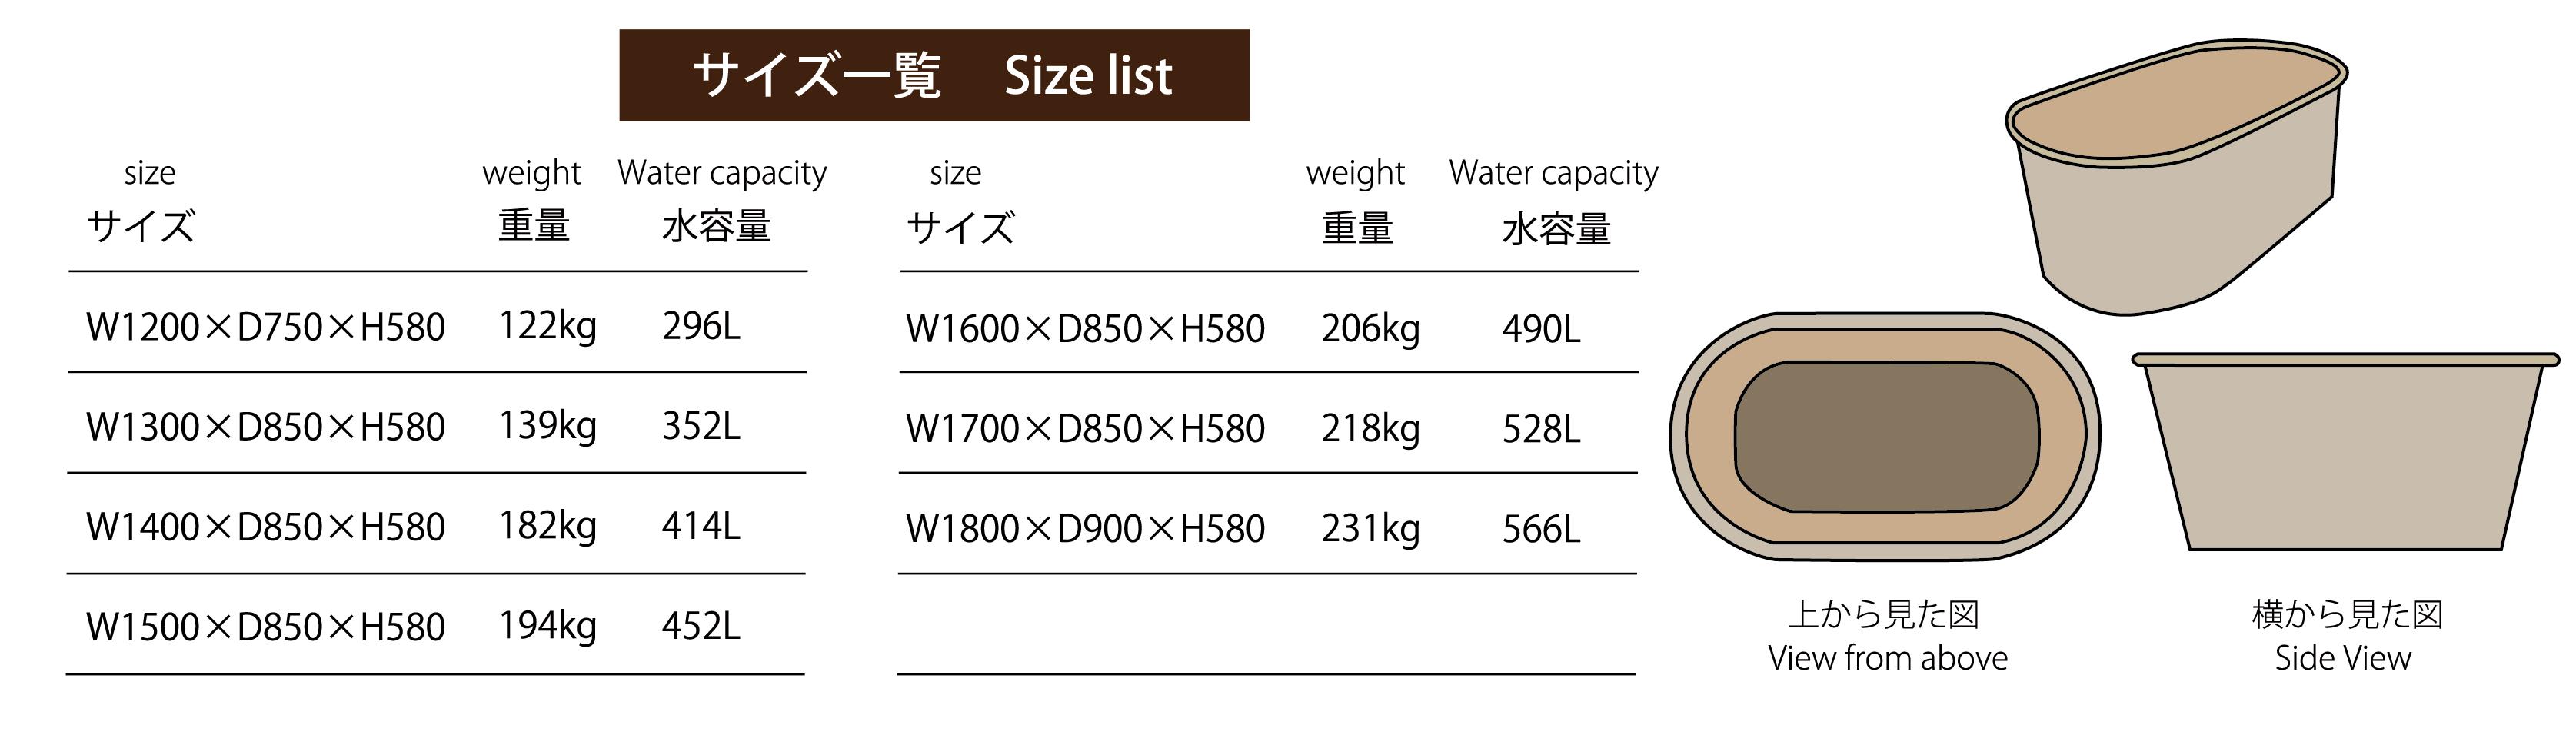 小判型サイズ一覧